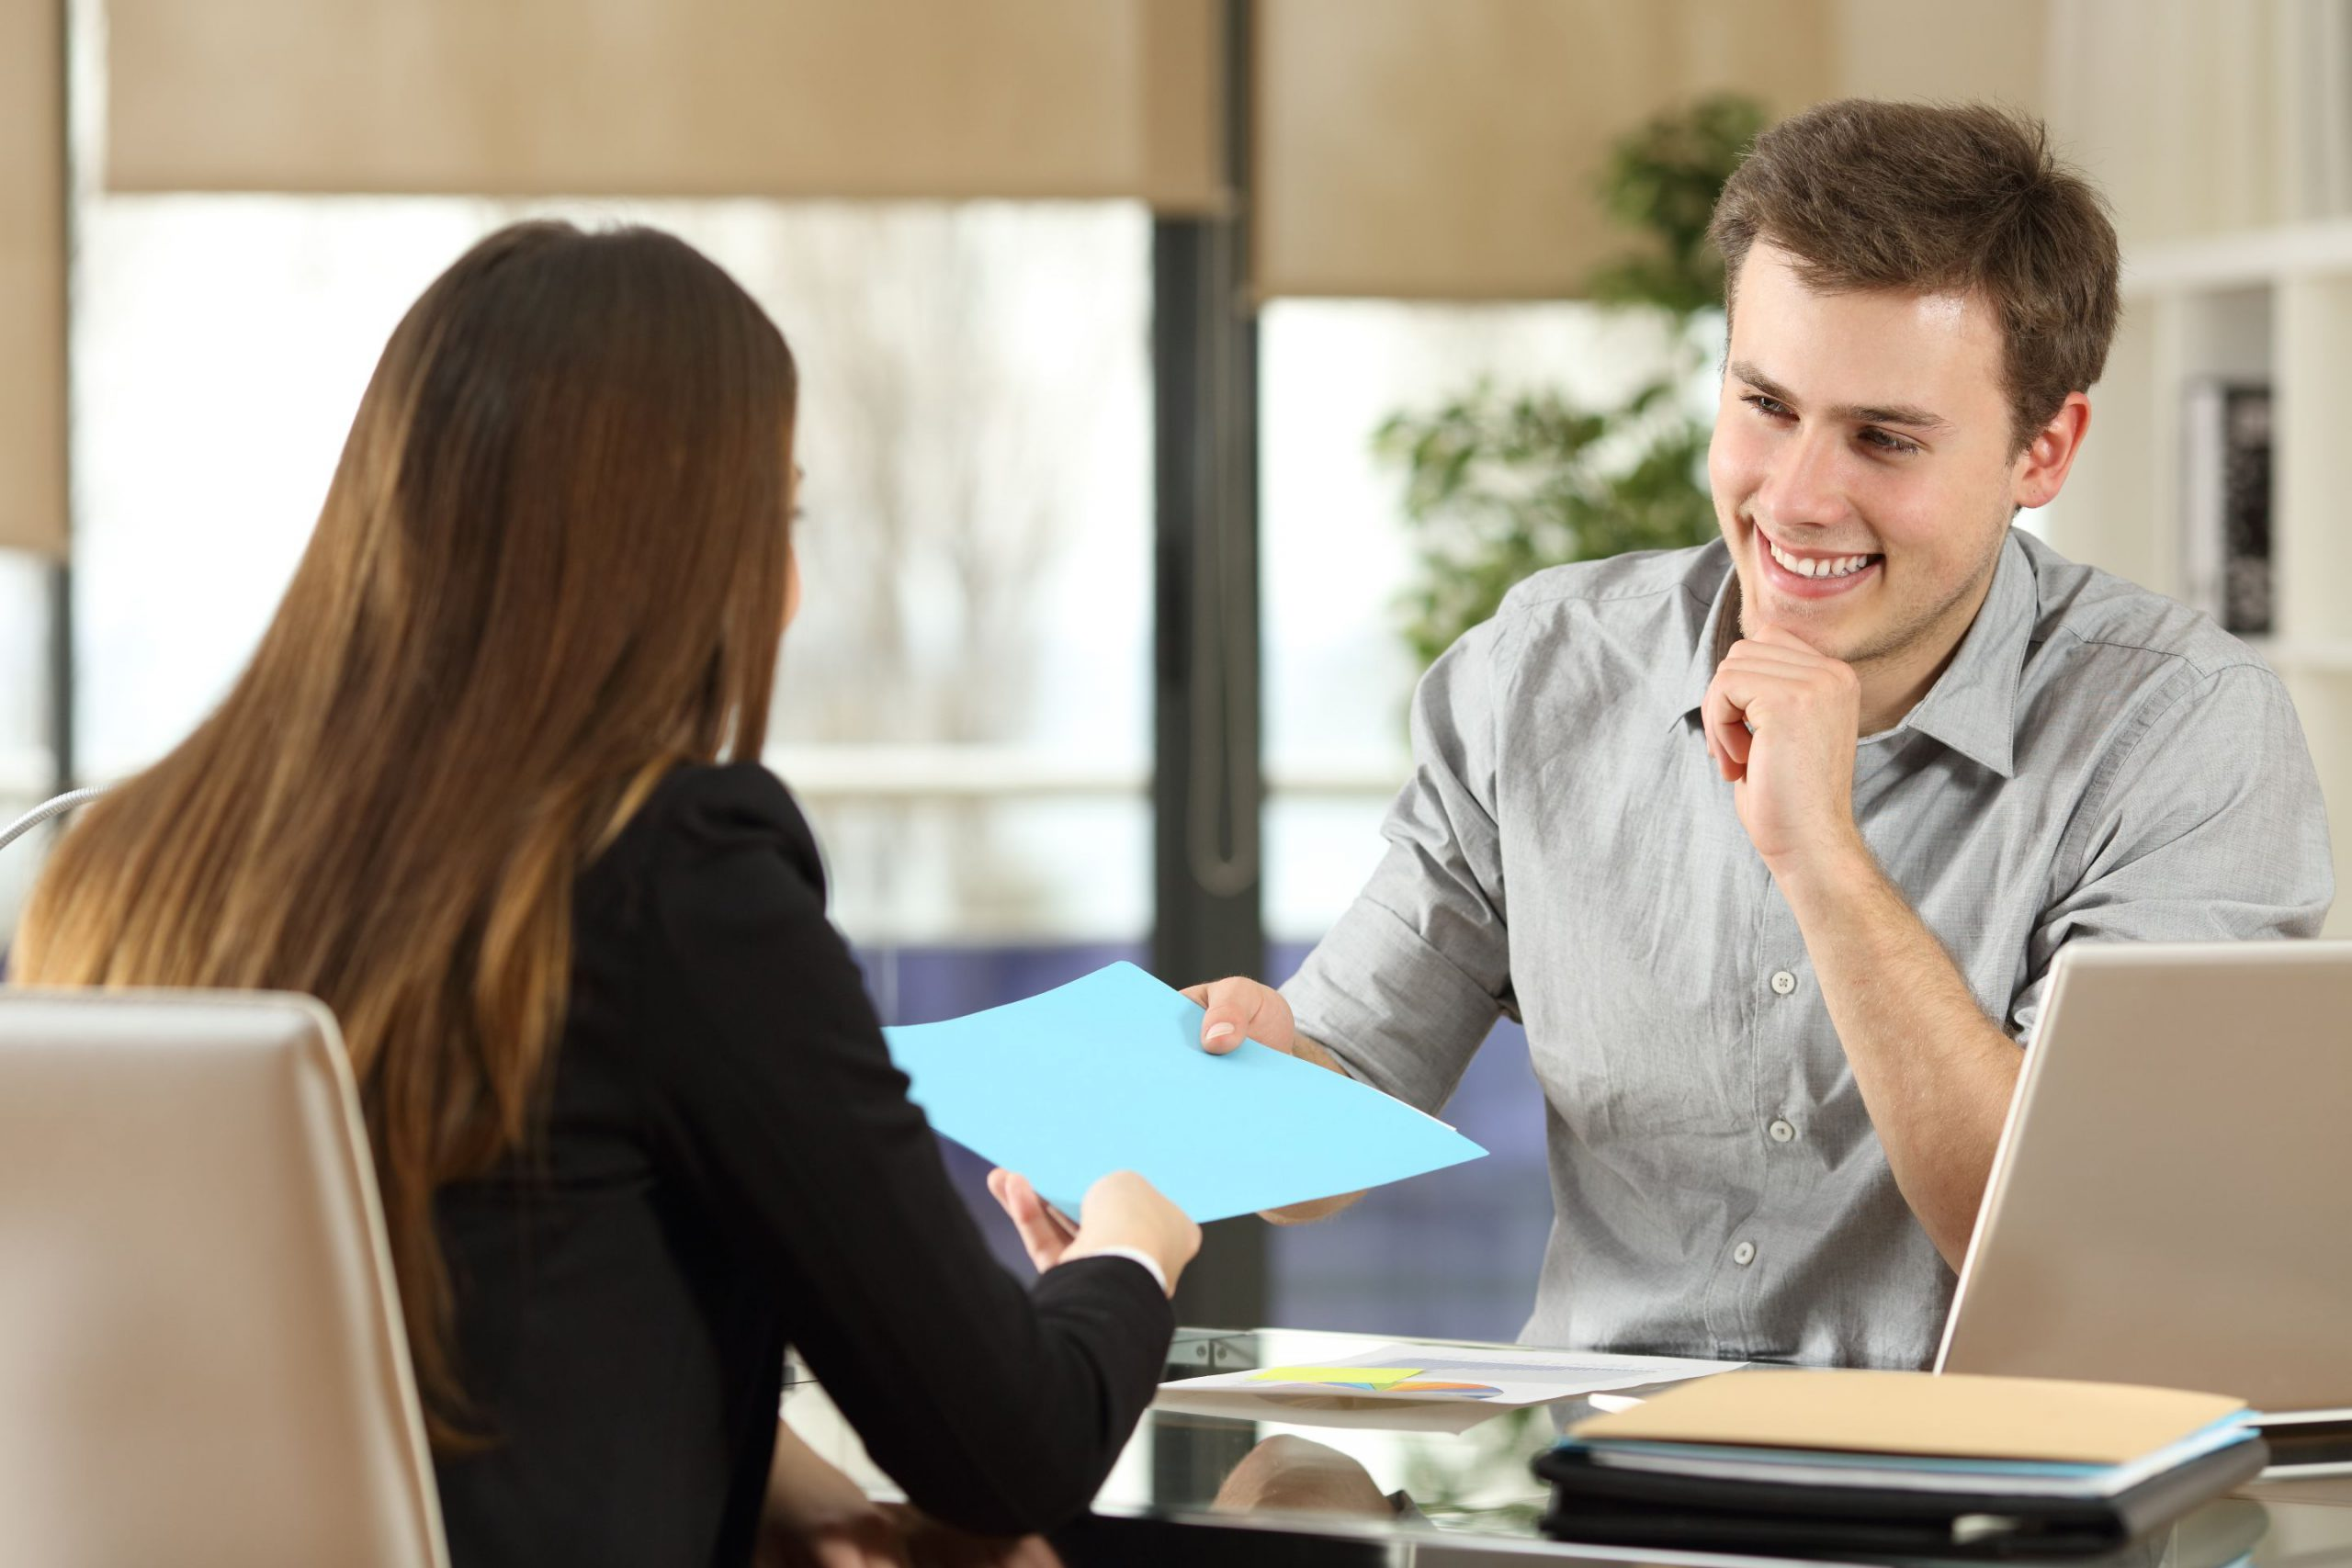 発行 雇用 再 者 証 被 保険 保険